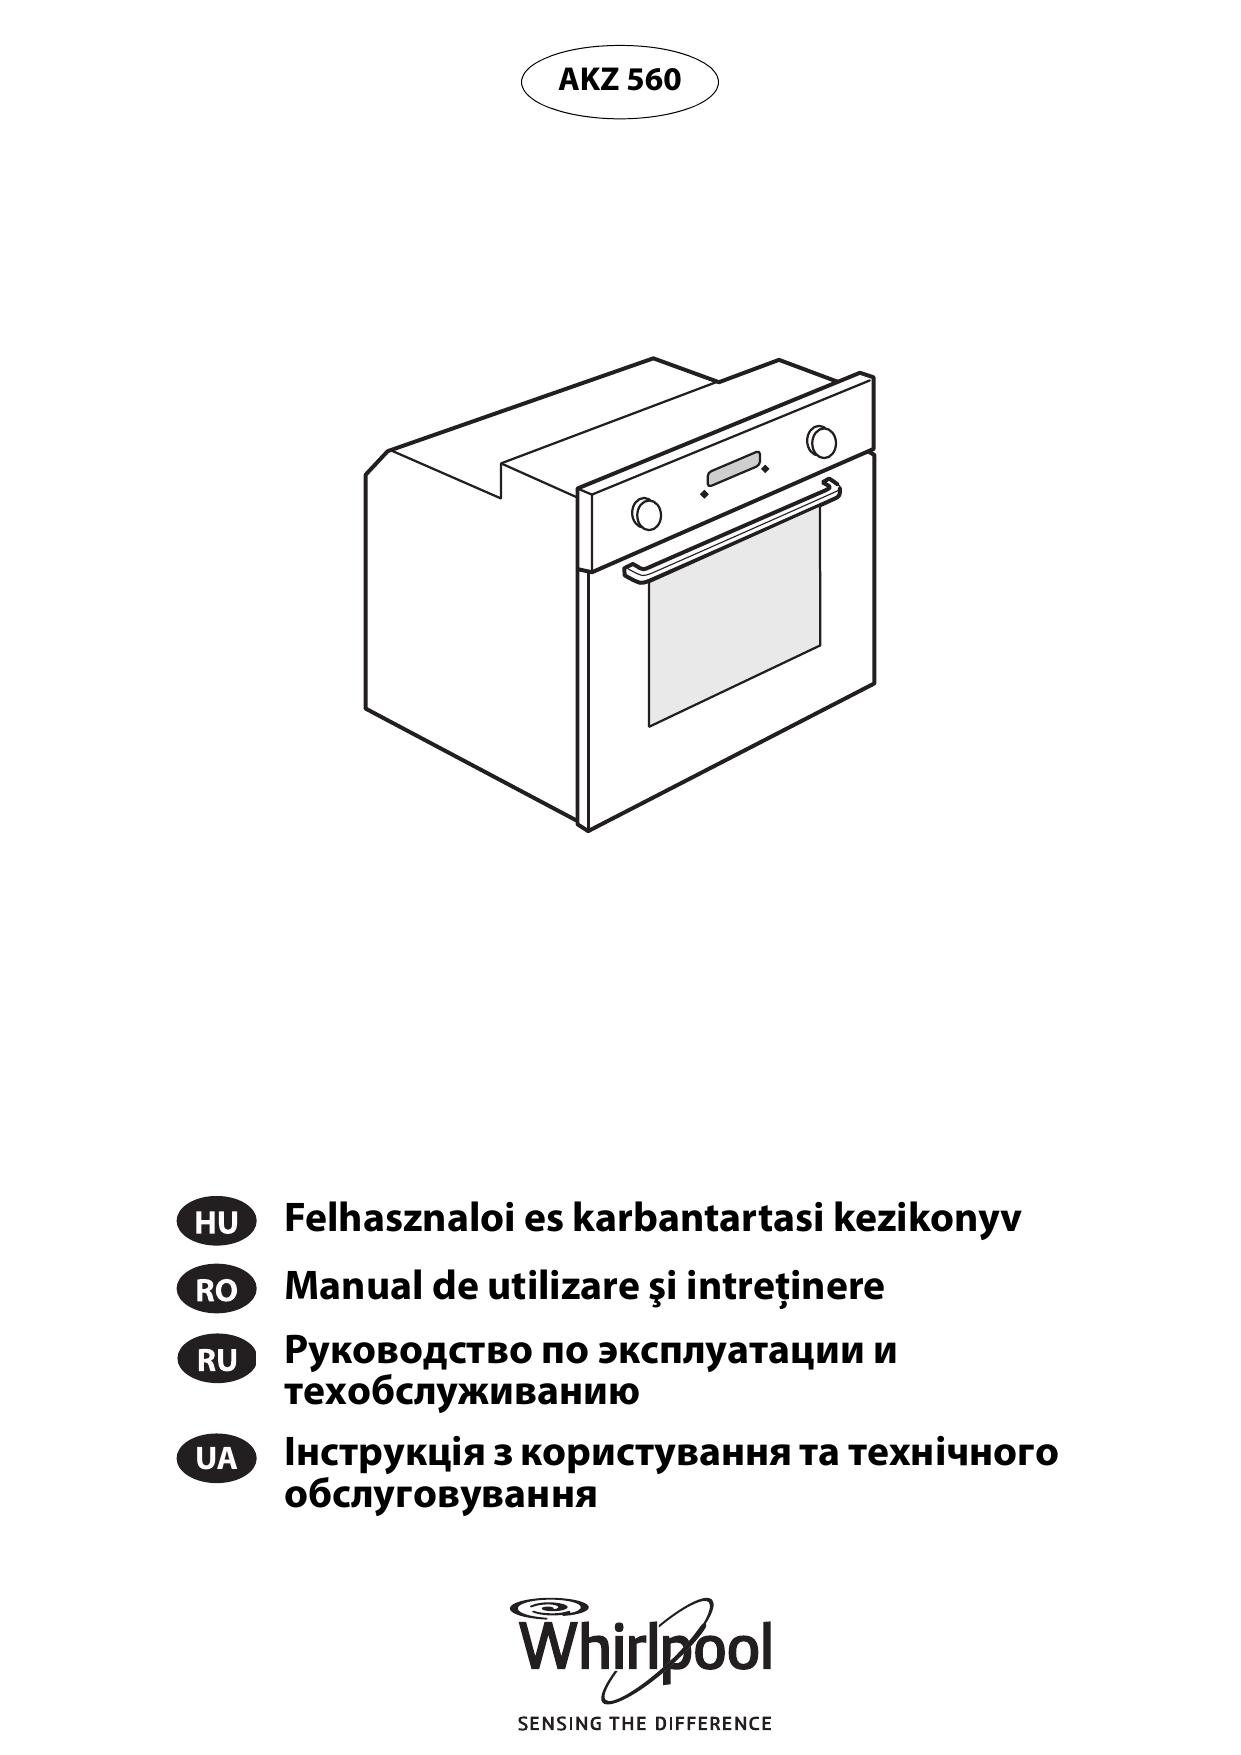 Varus-valgus (X-láb, O-láb) kezelése térdrögzítővel